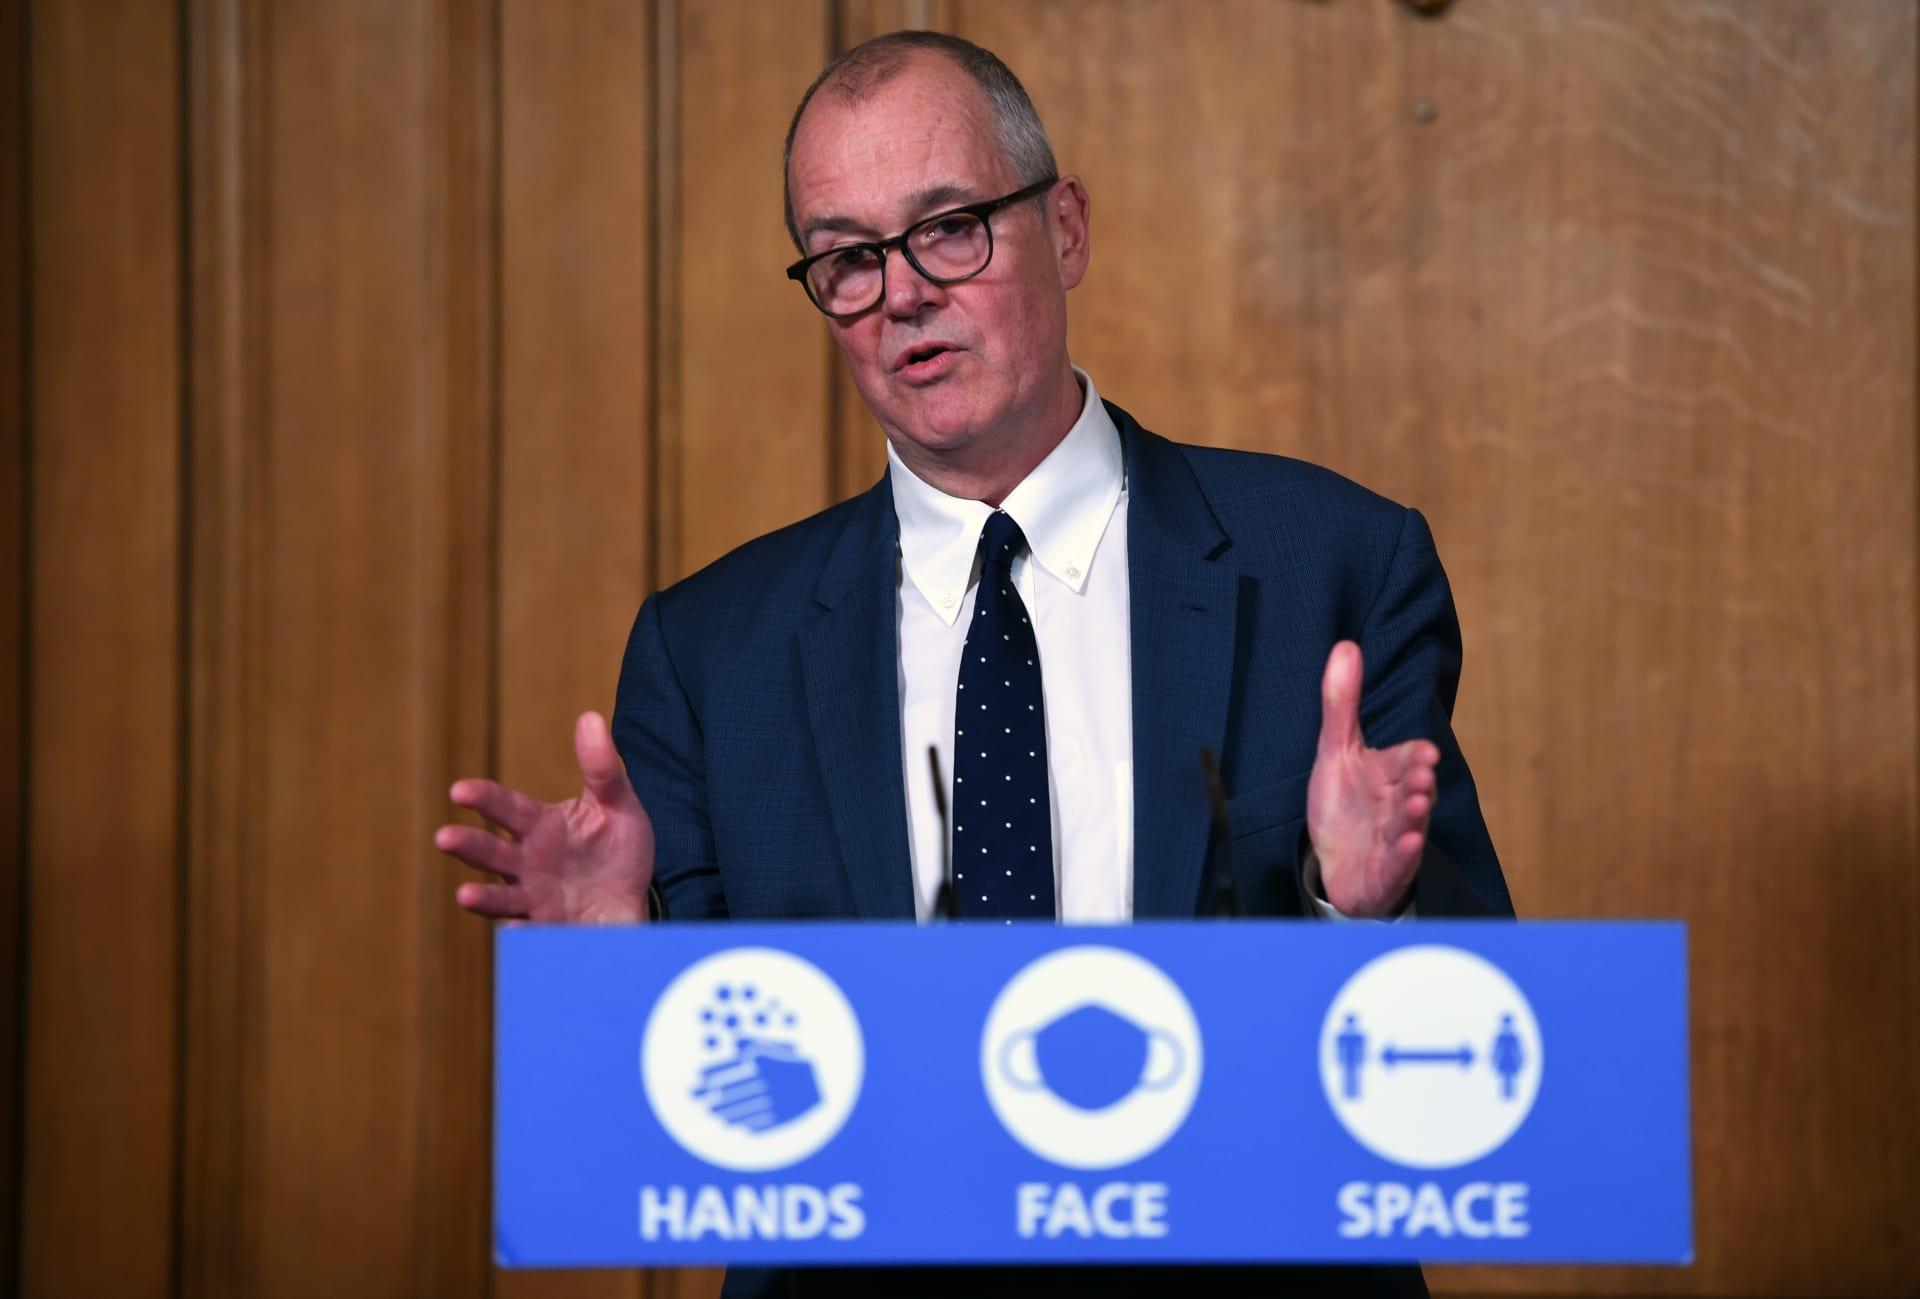 كبير المستشارين العلميين في بريطانيا يكشف موعد طرح لقاح كورونا على نطاق واسع